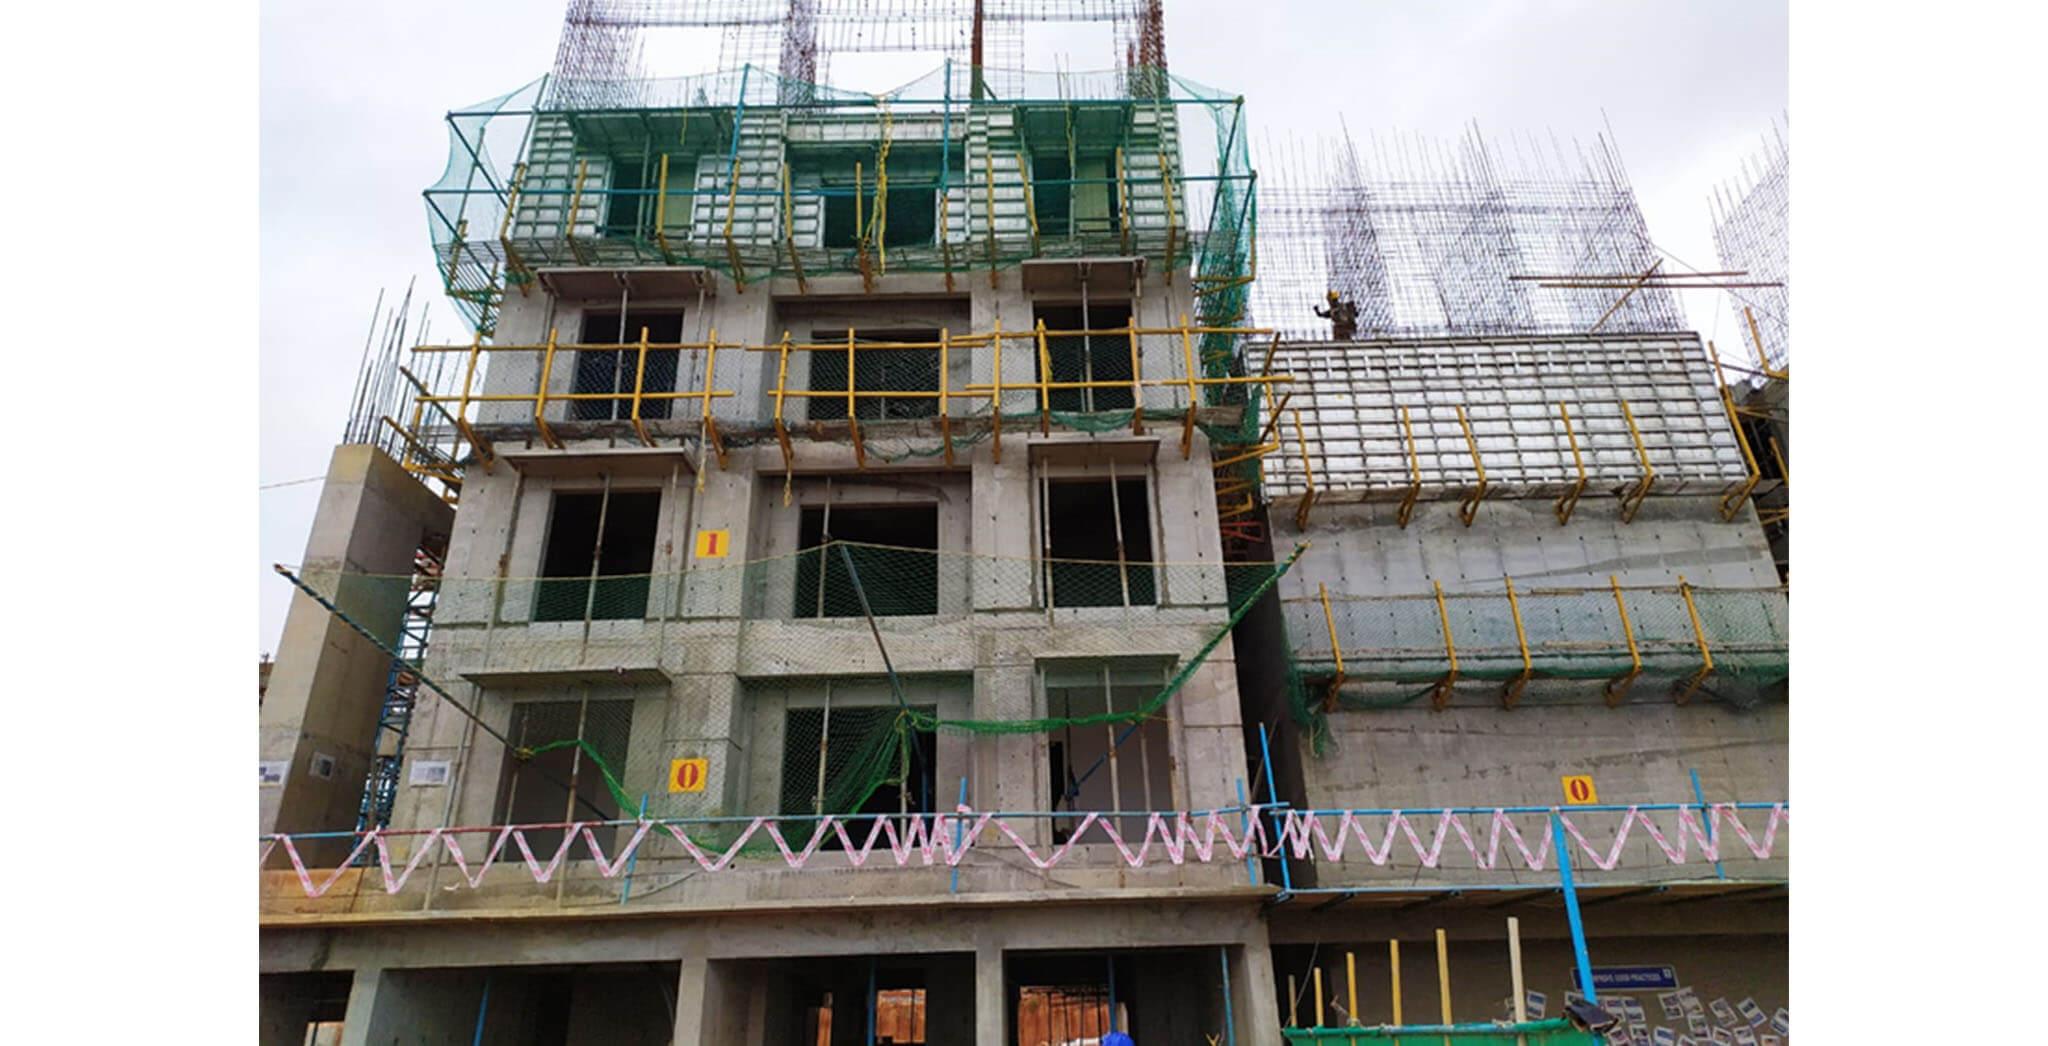 GF, 1st Floor, 2nd Floor, 3rd floor & 4th Floor Elevation – South side - Status Image 1